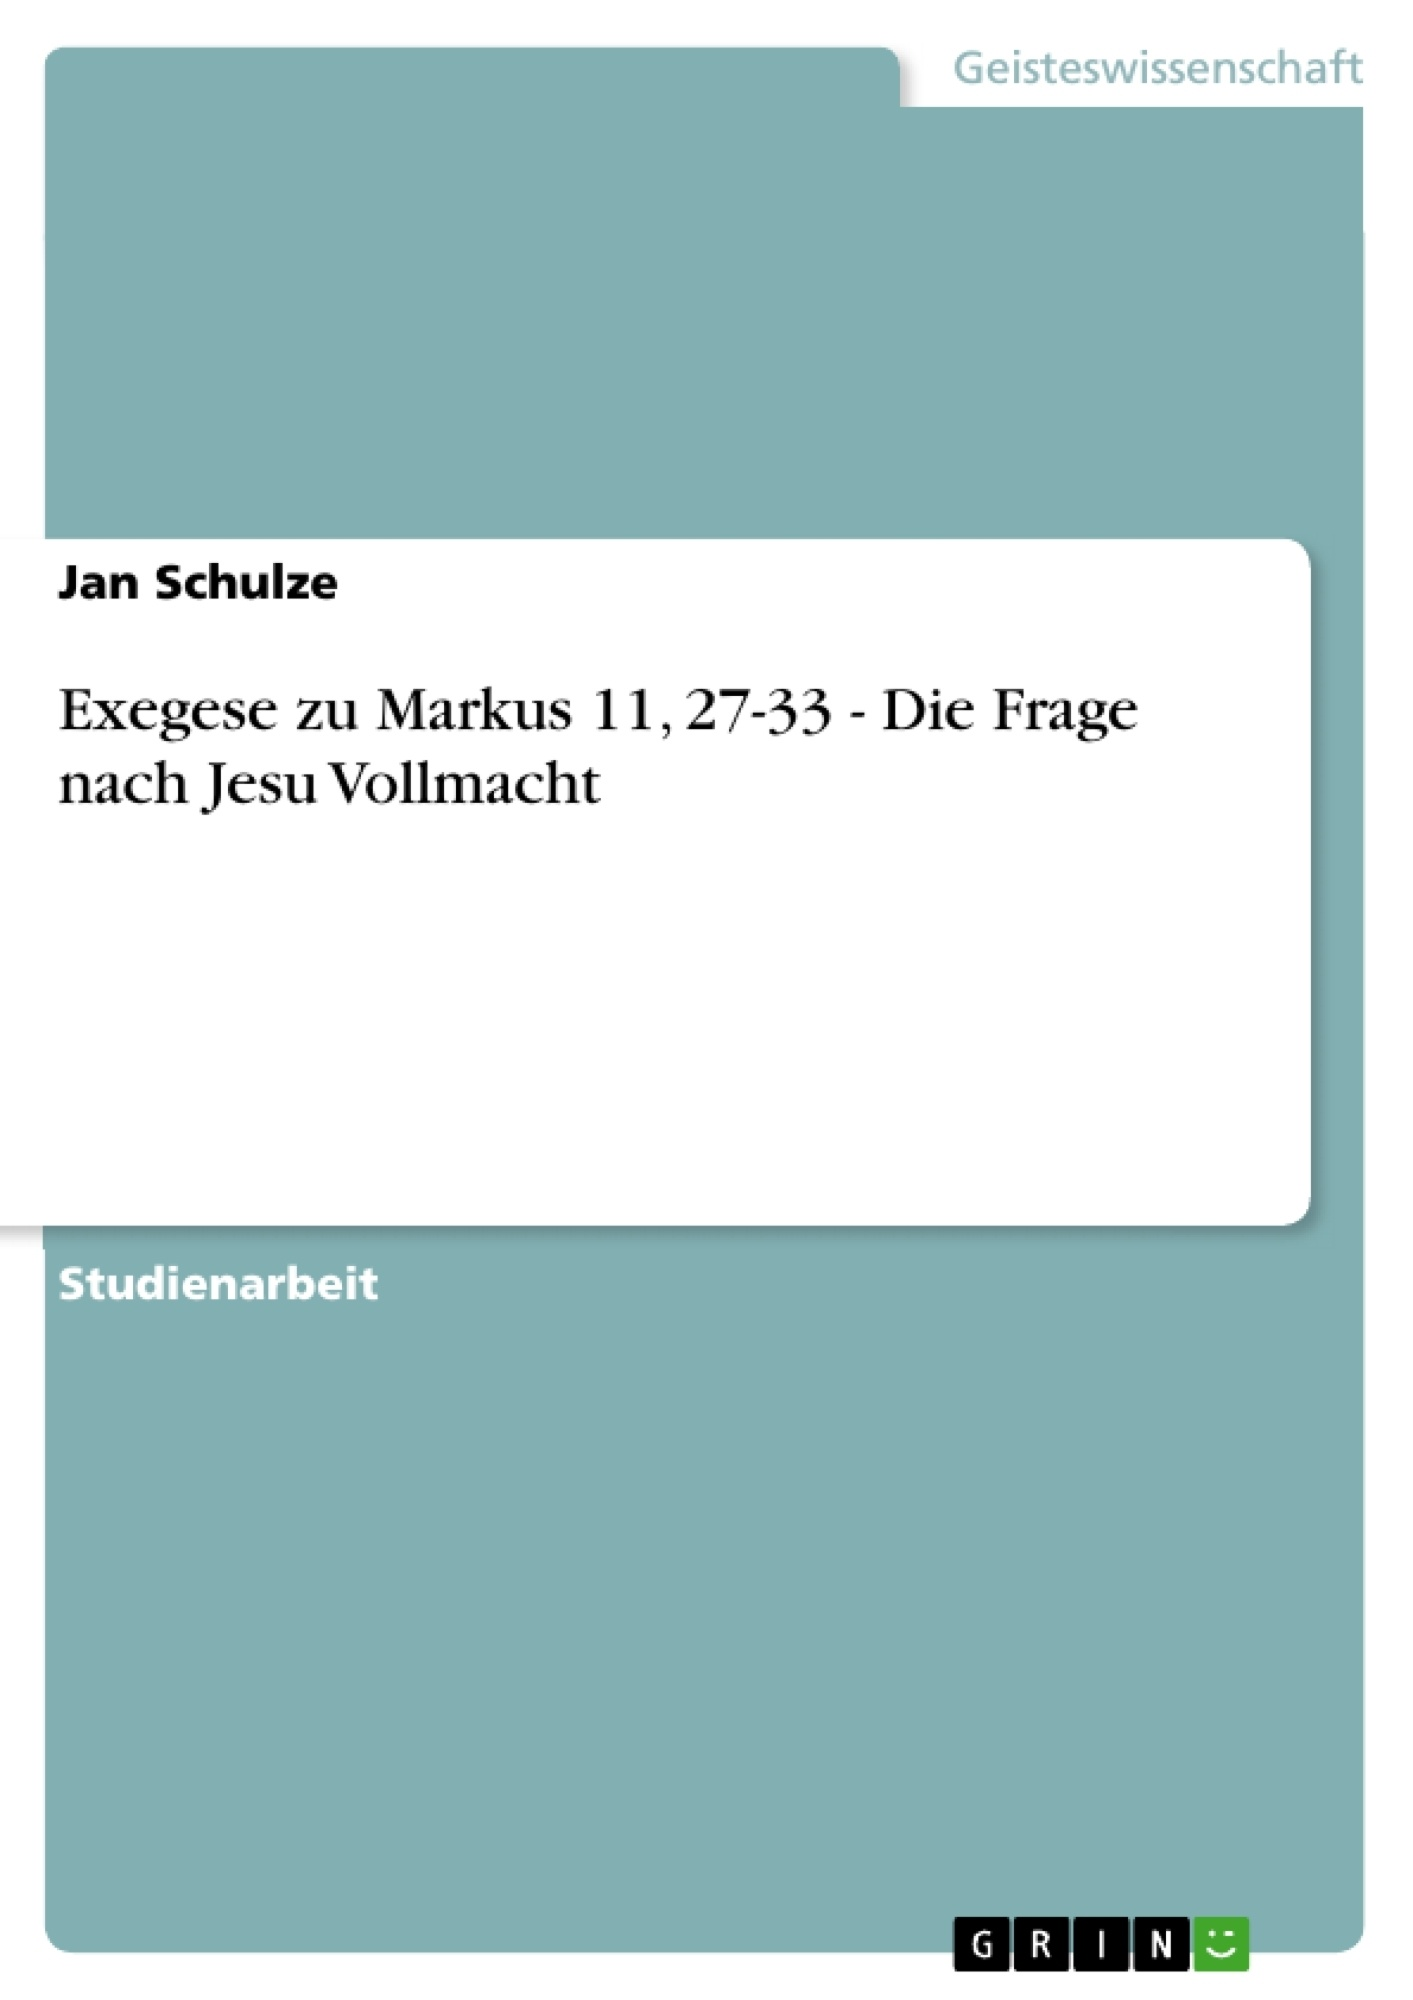 Titel: Exegese zu Markus 11, 27-33 - Die Frage nach Jesu Vollmacht